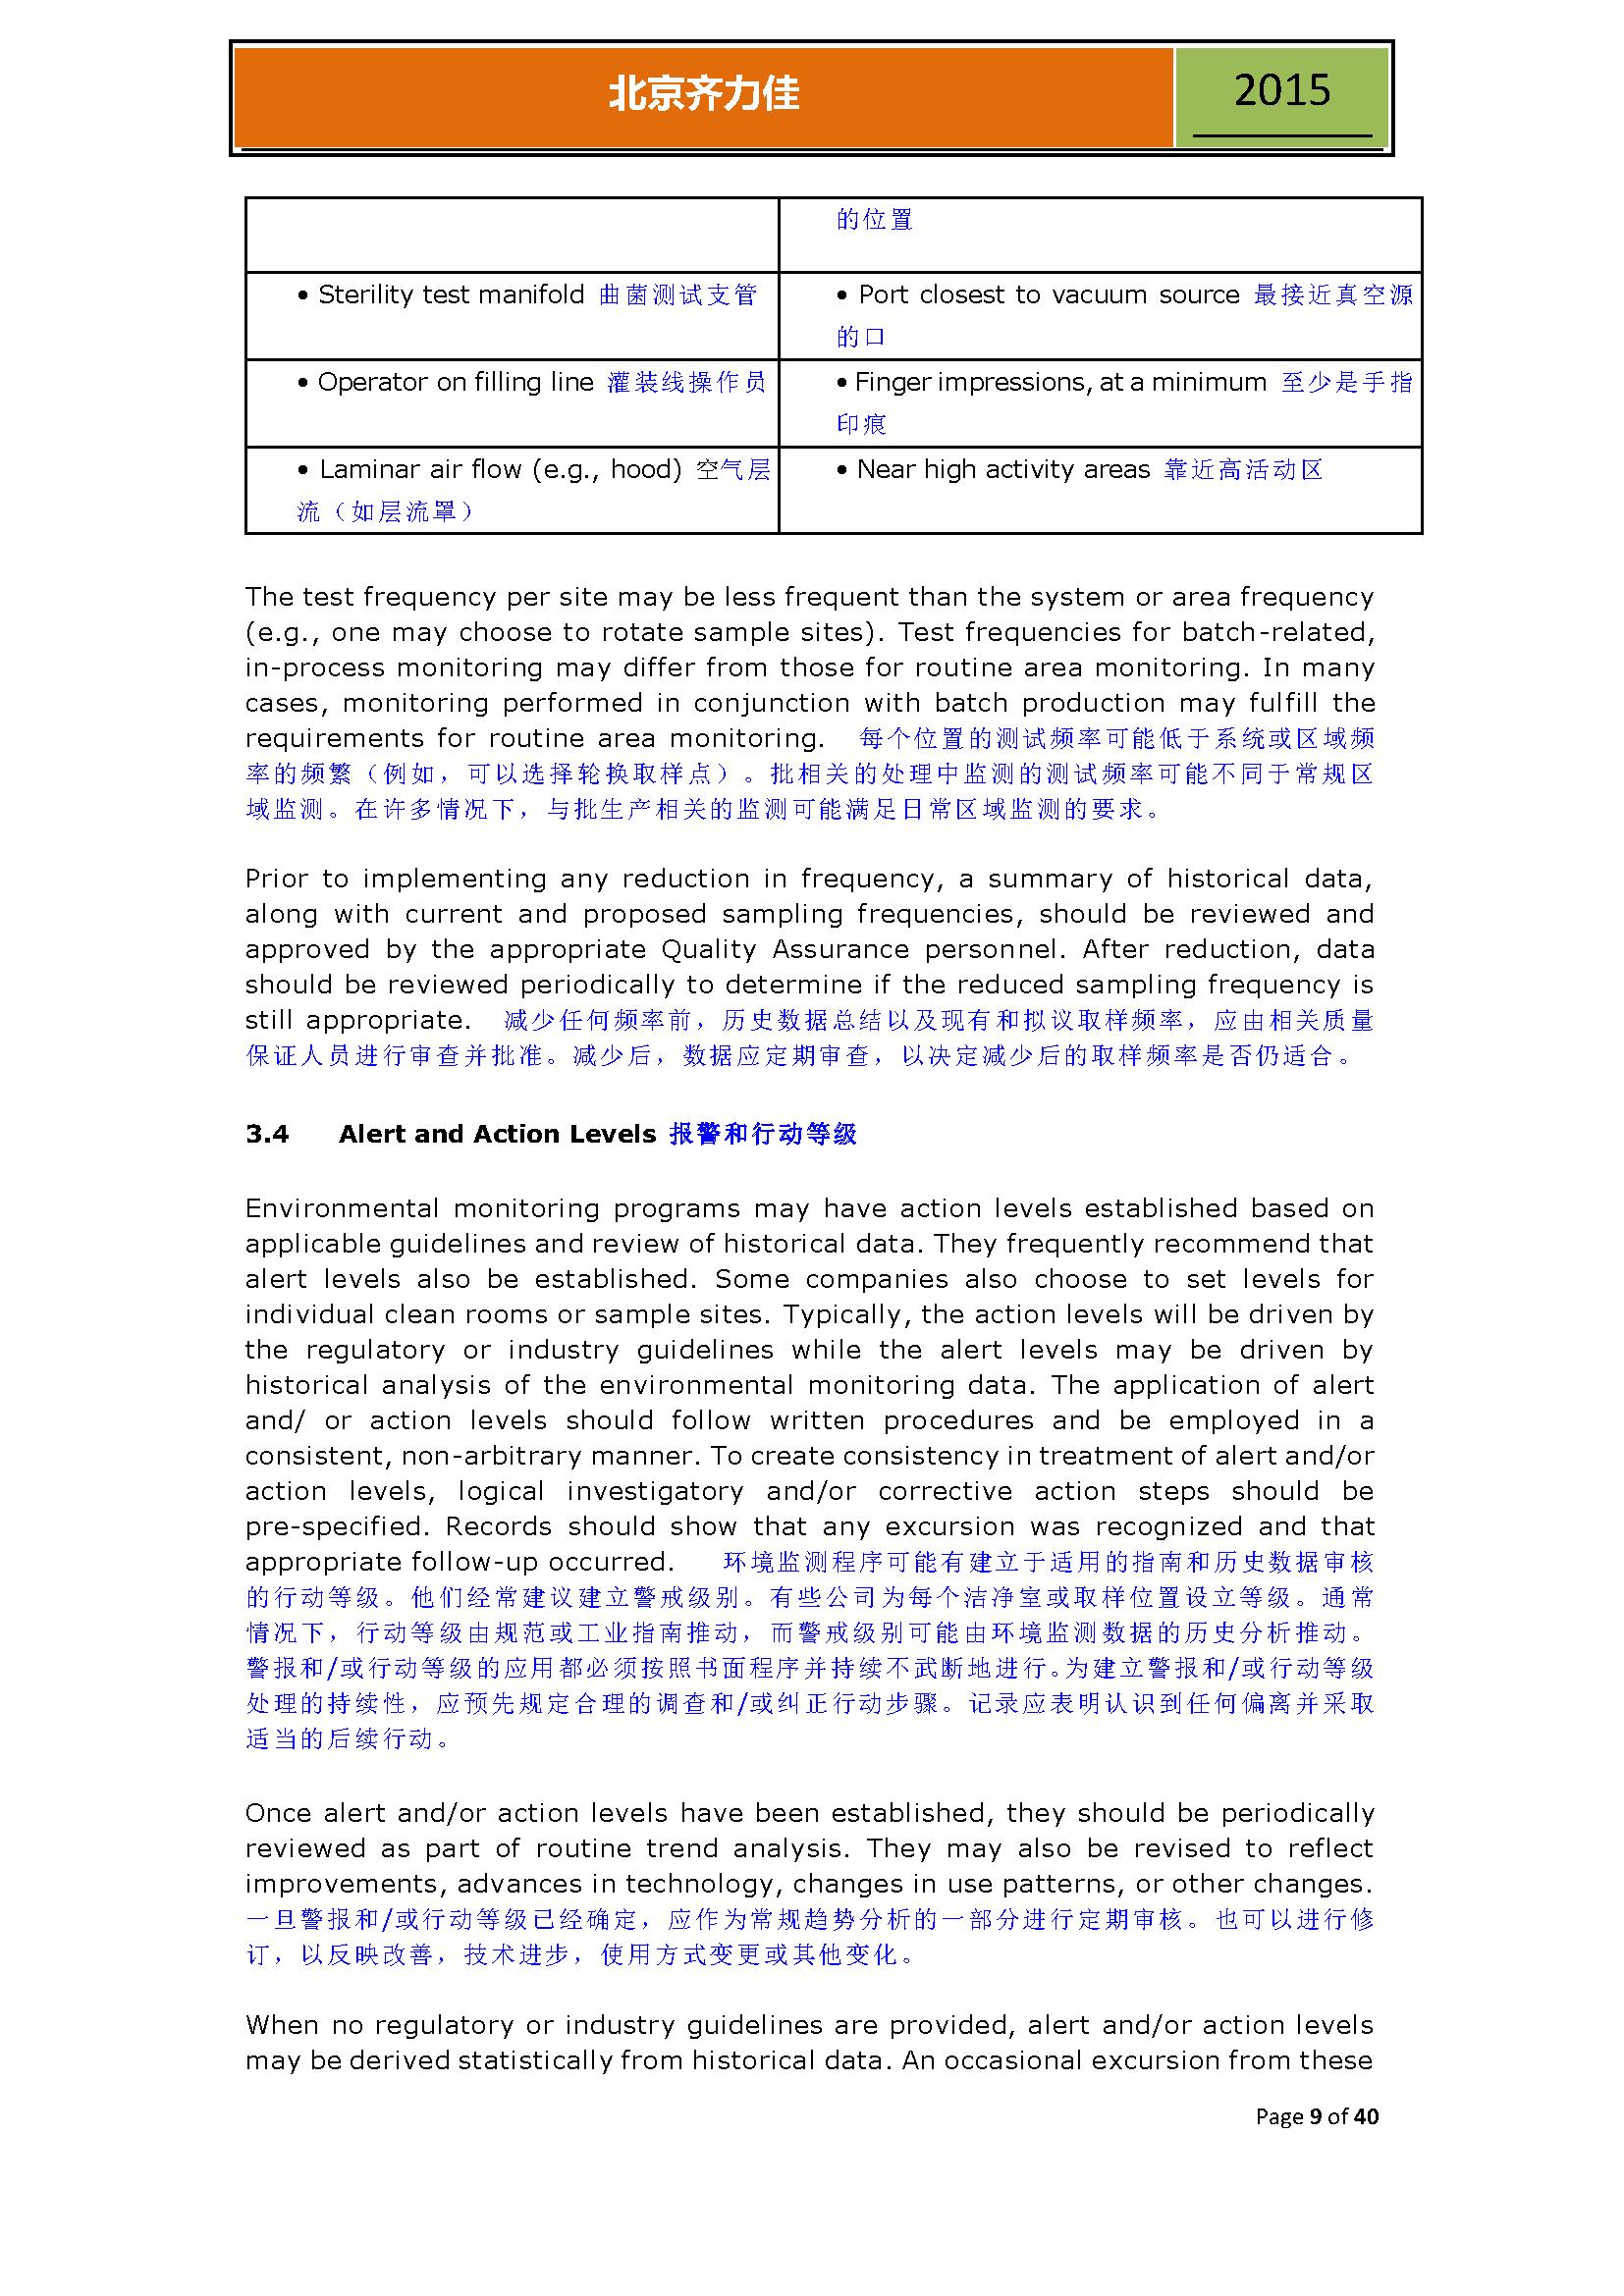 未标题提取页面 _页面_1.png